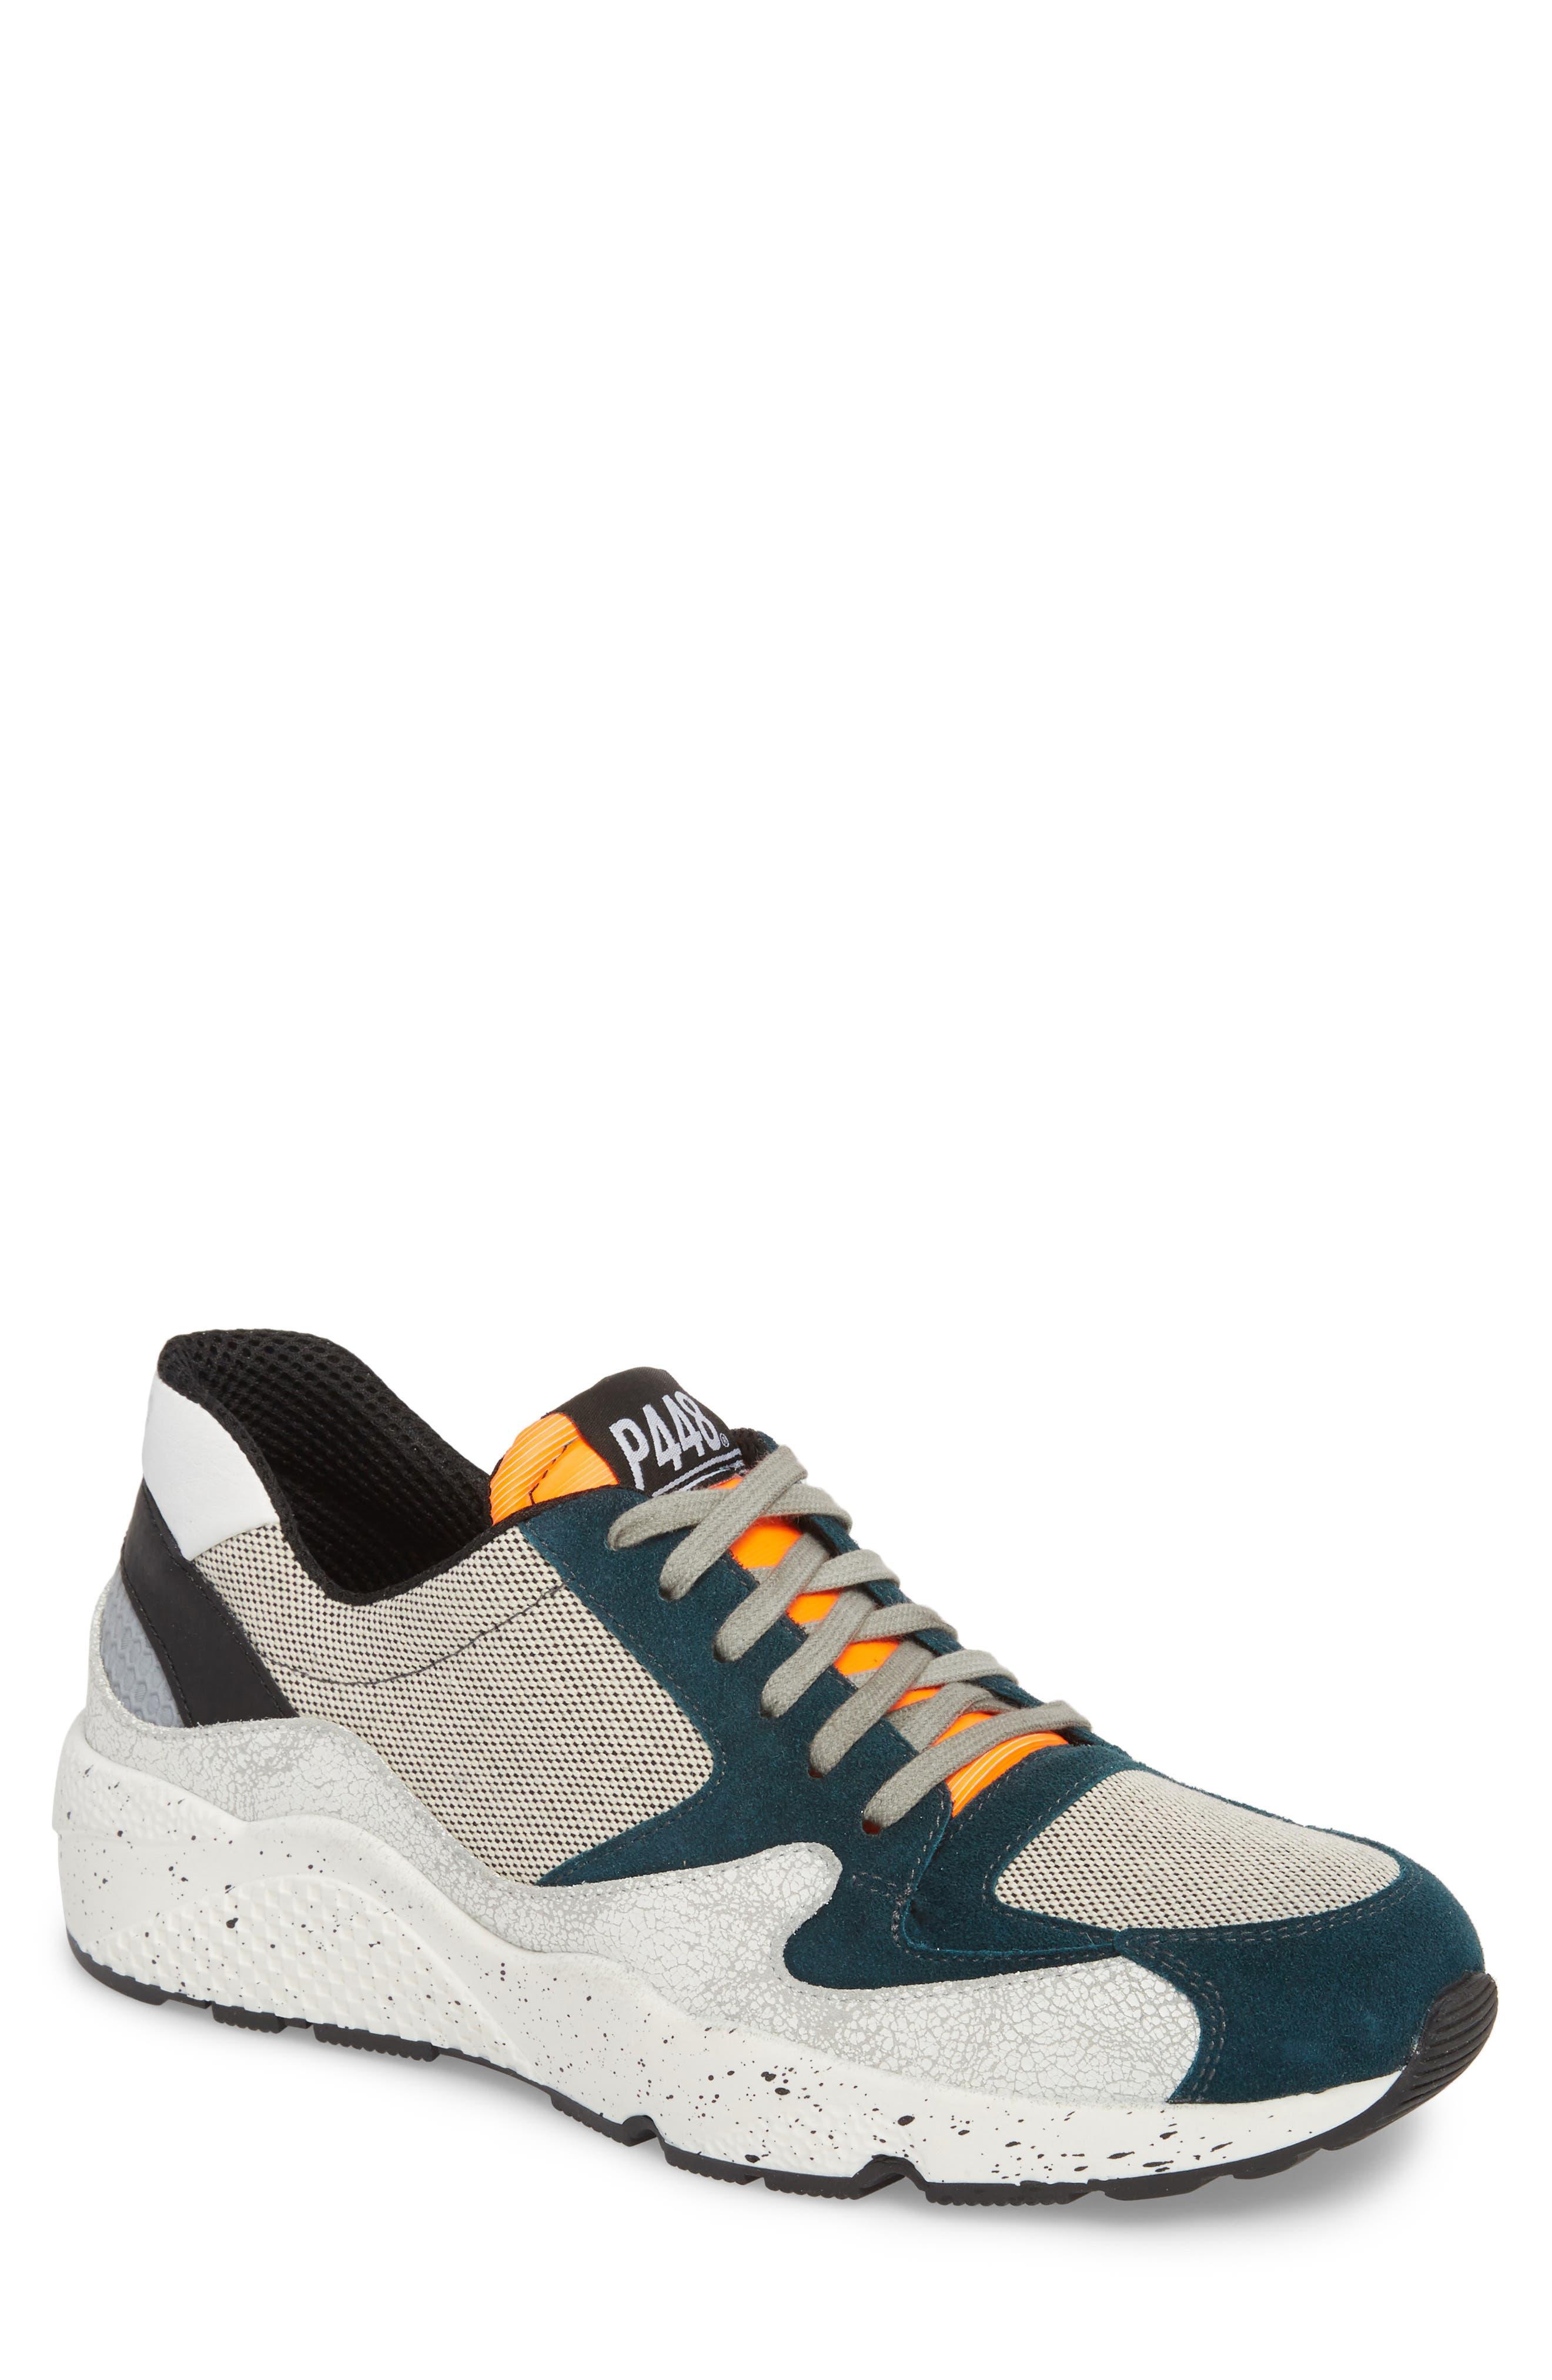 P448 America Low Top Sneaker (Men)